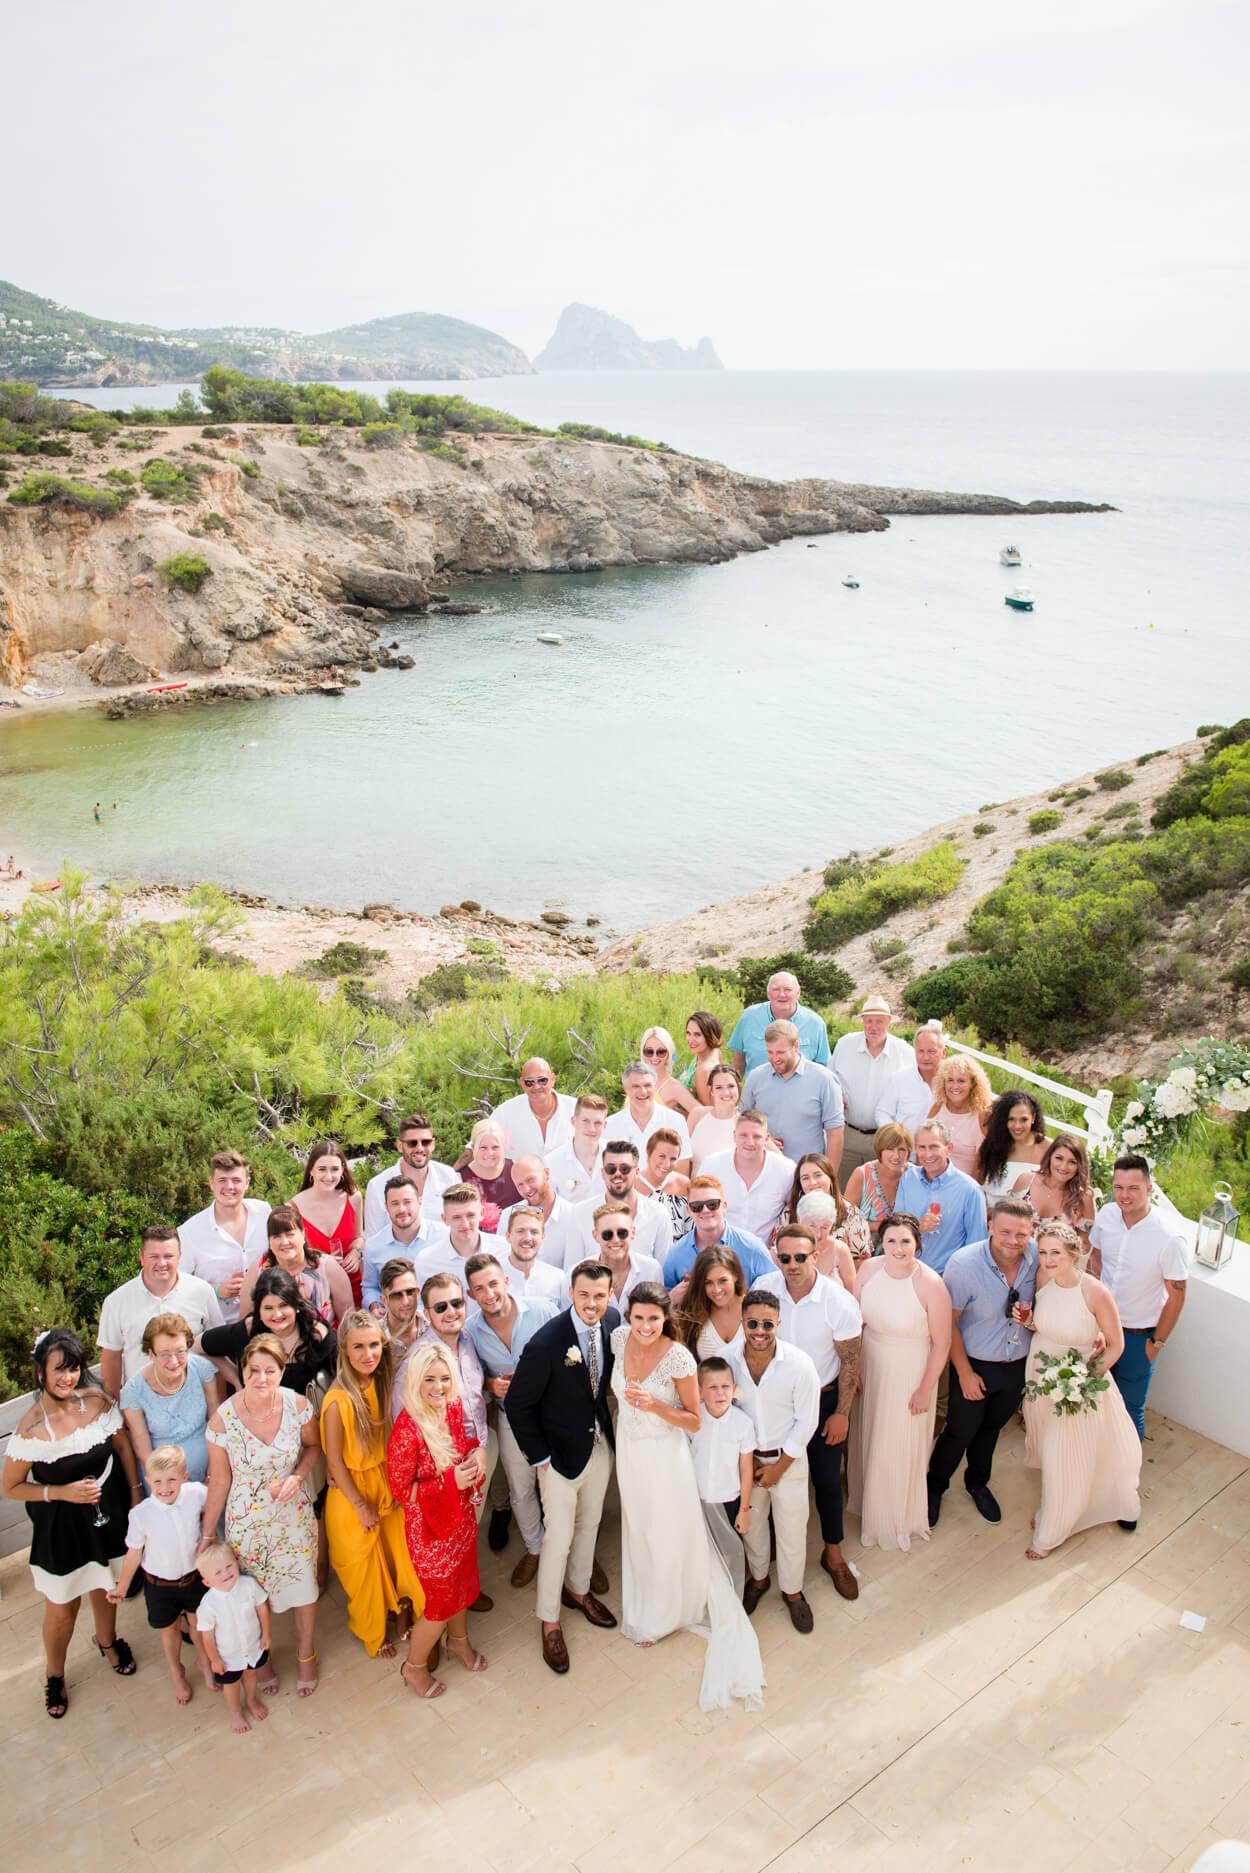 group wedding photo seaside wedding venue es vedra